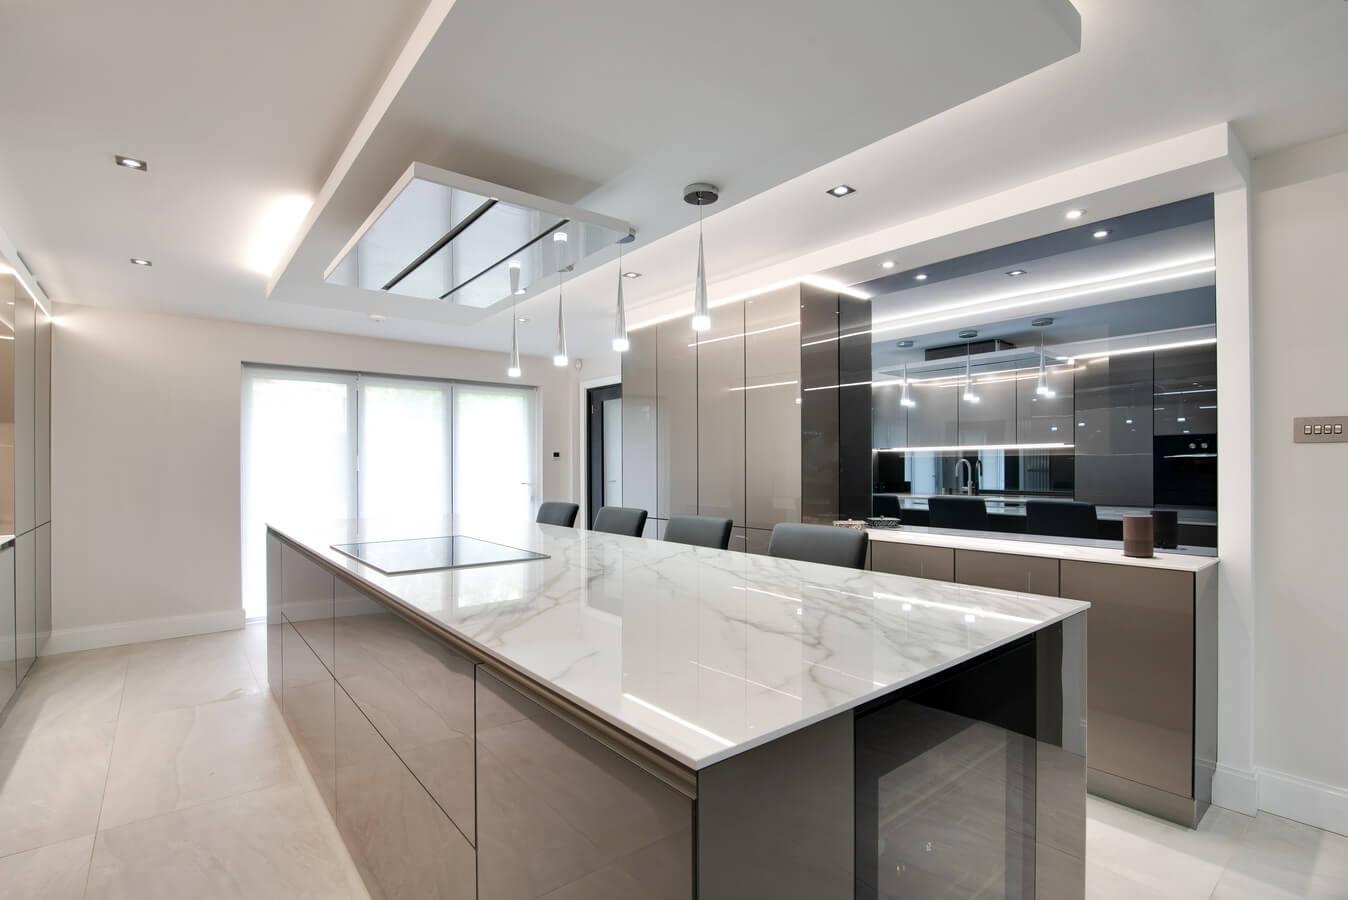 Kitchen-Island-Moiety-Next125-kitchen.jpg